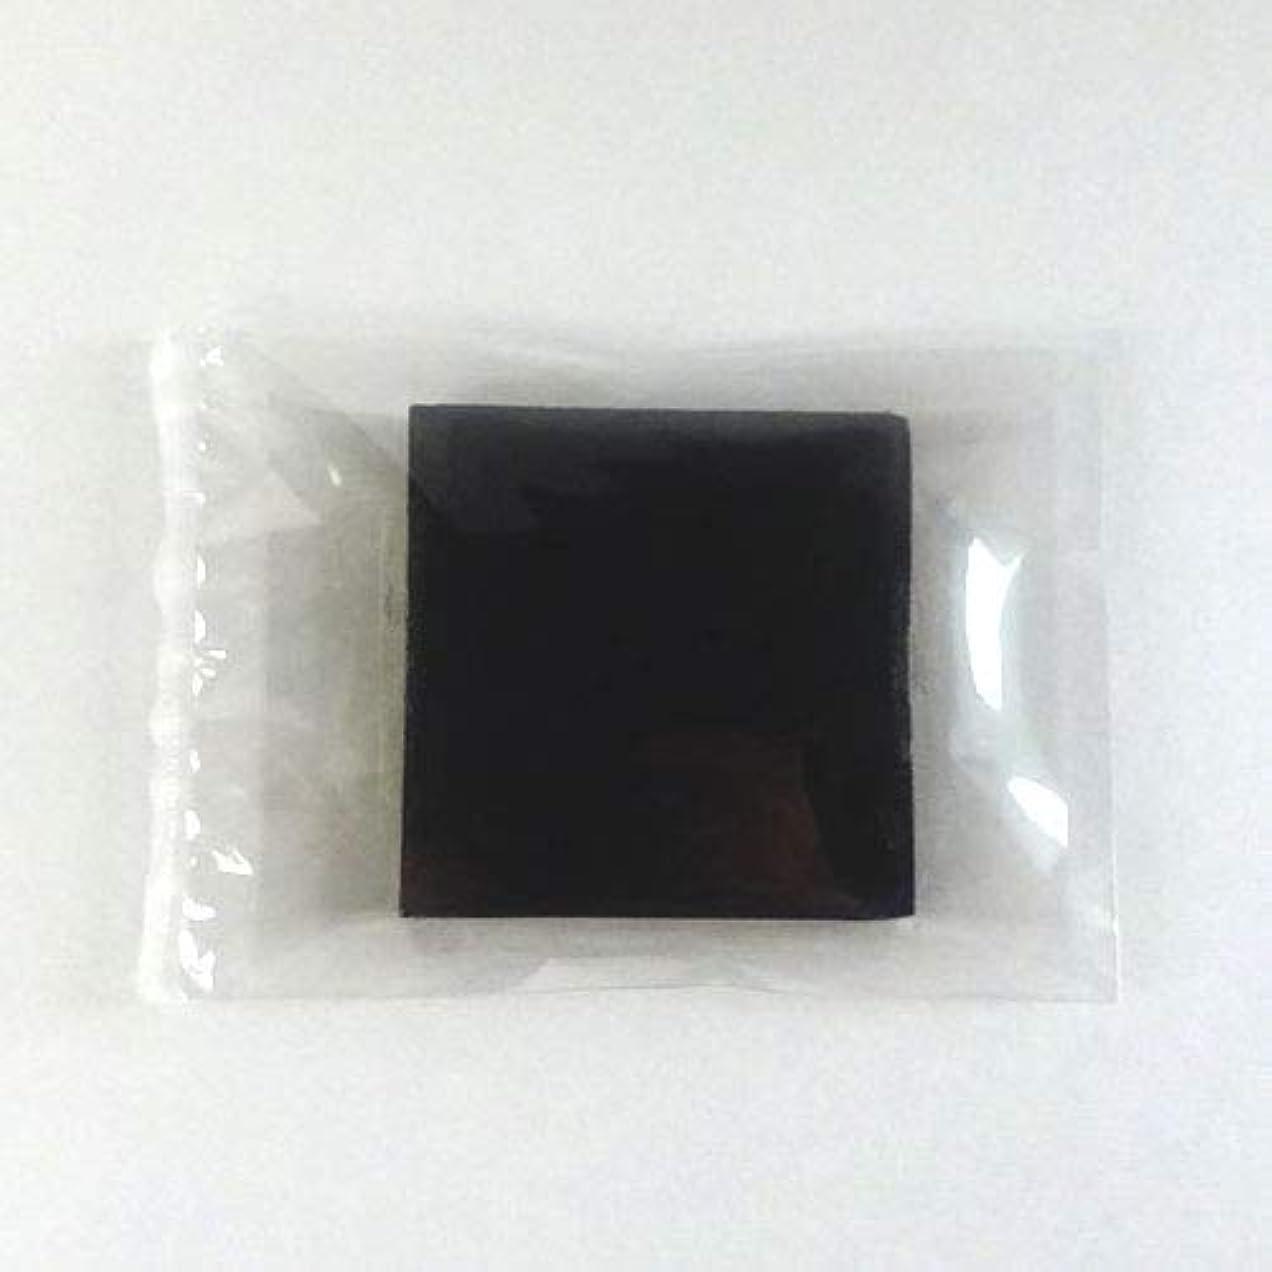 見落とす改善する襲撃グリセリンソープ MPソープ 色チッププ 黒(ブラック) 60g (30g x 2pc)